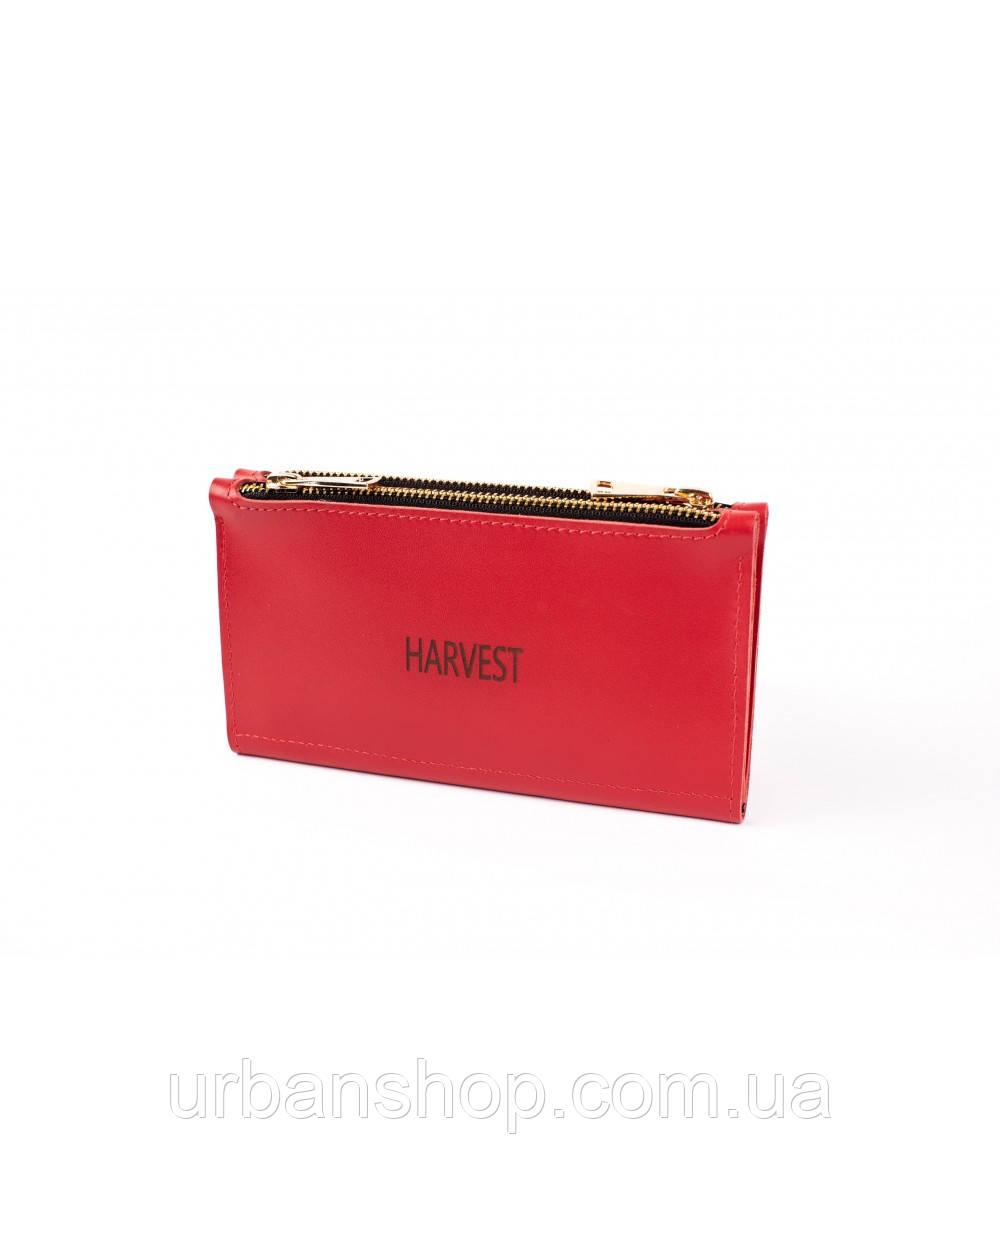 """""""Жіночий гаманець Double"""" Harvest HARVEST Red"""